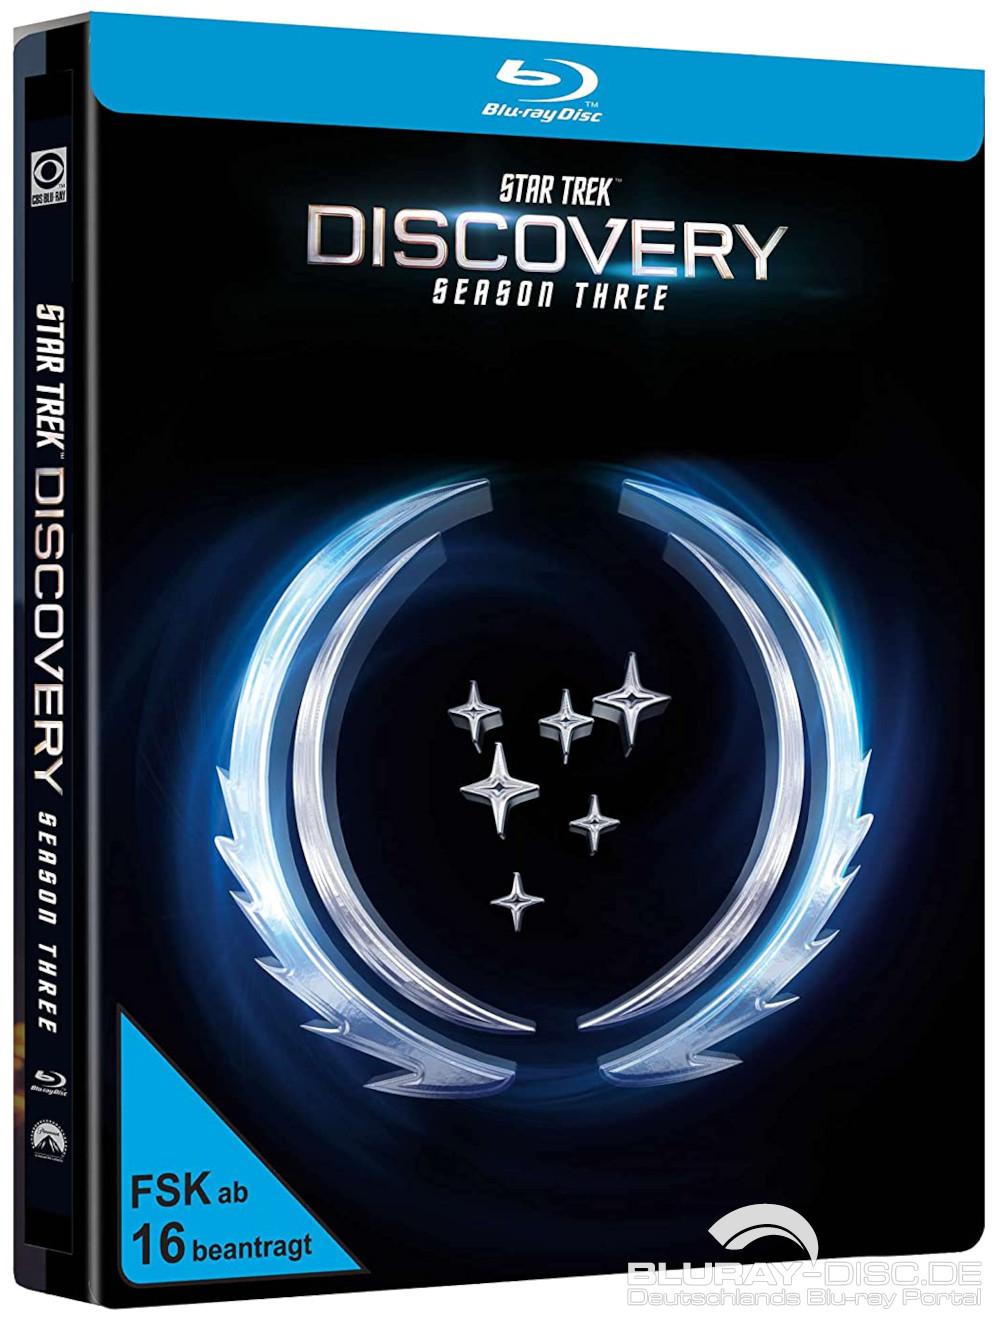 Star-Trek-Discovery-Staffel-3-Steelbook-VORAB-Galerie-01.jpg